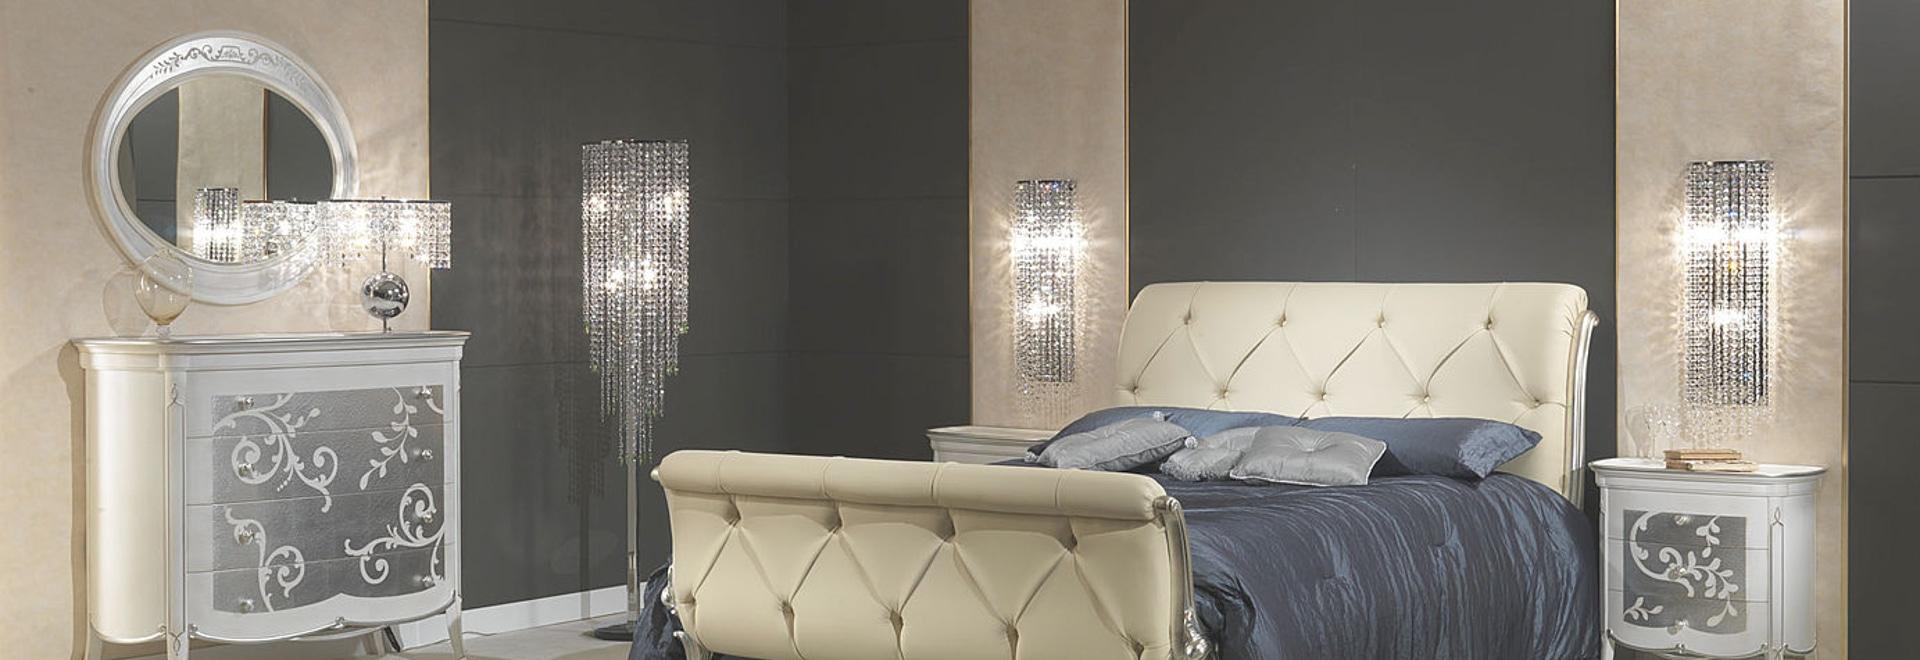 Camera da letto in stile Art Decò. - VIMERCATI MEDA LUXURY CLASSIC ...